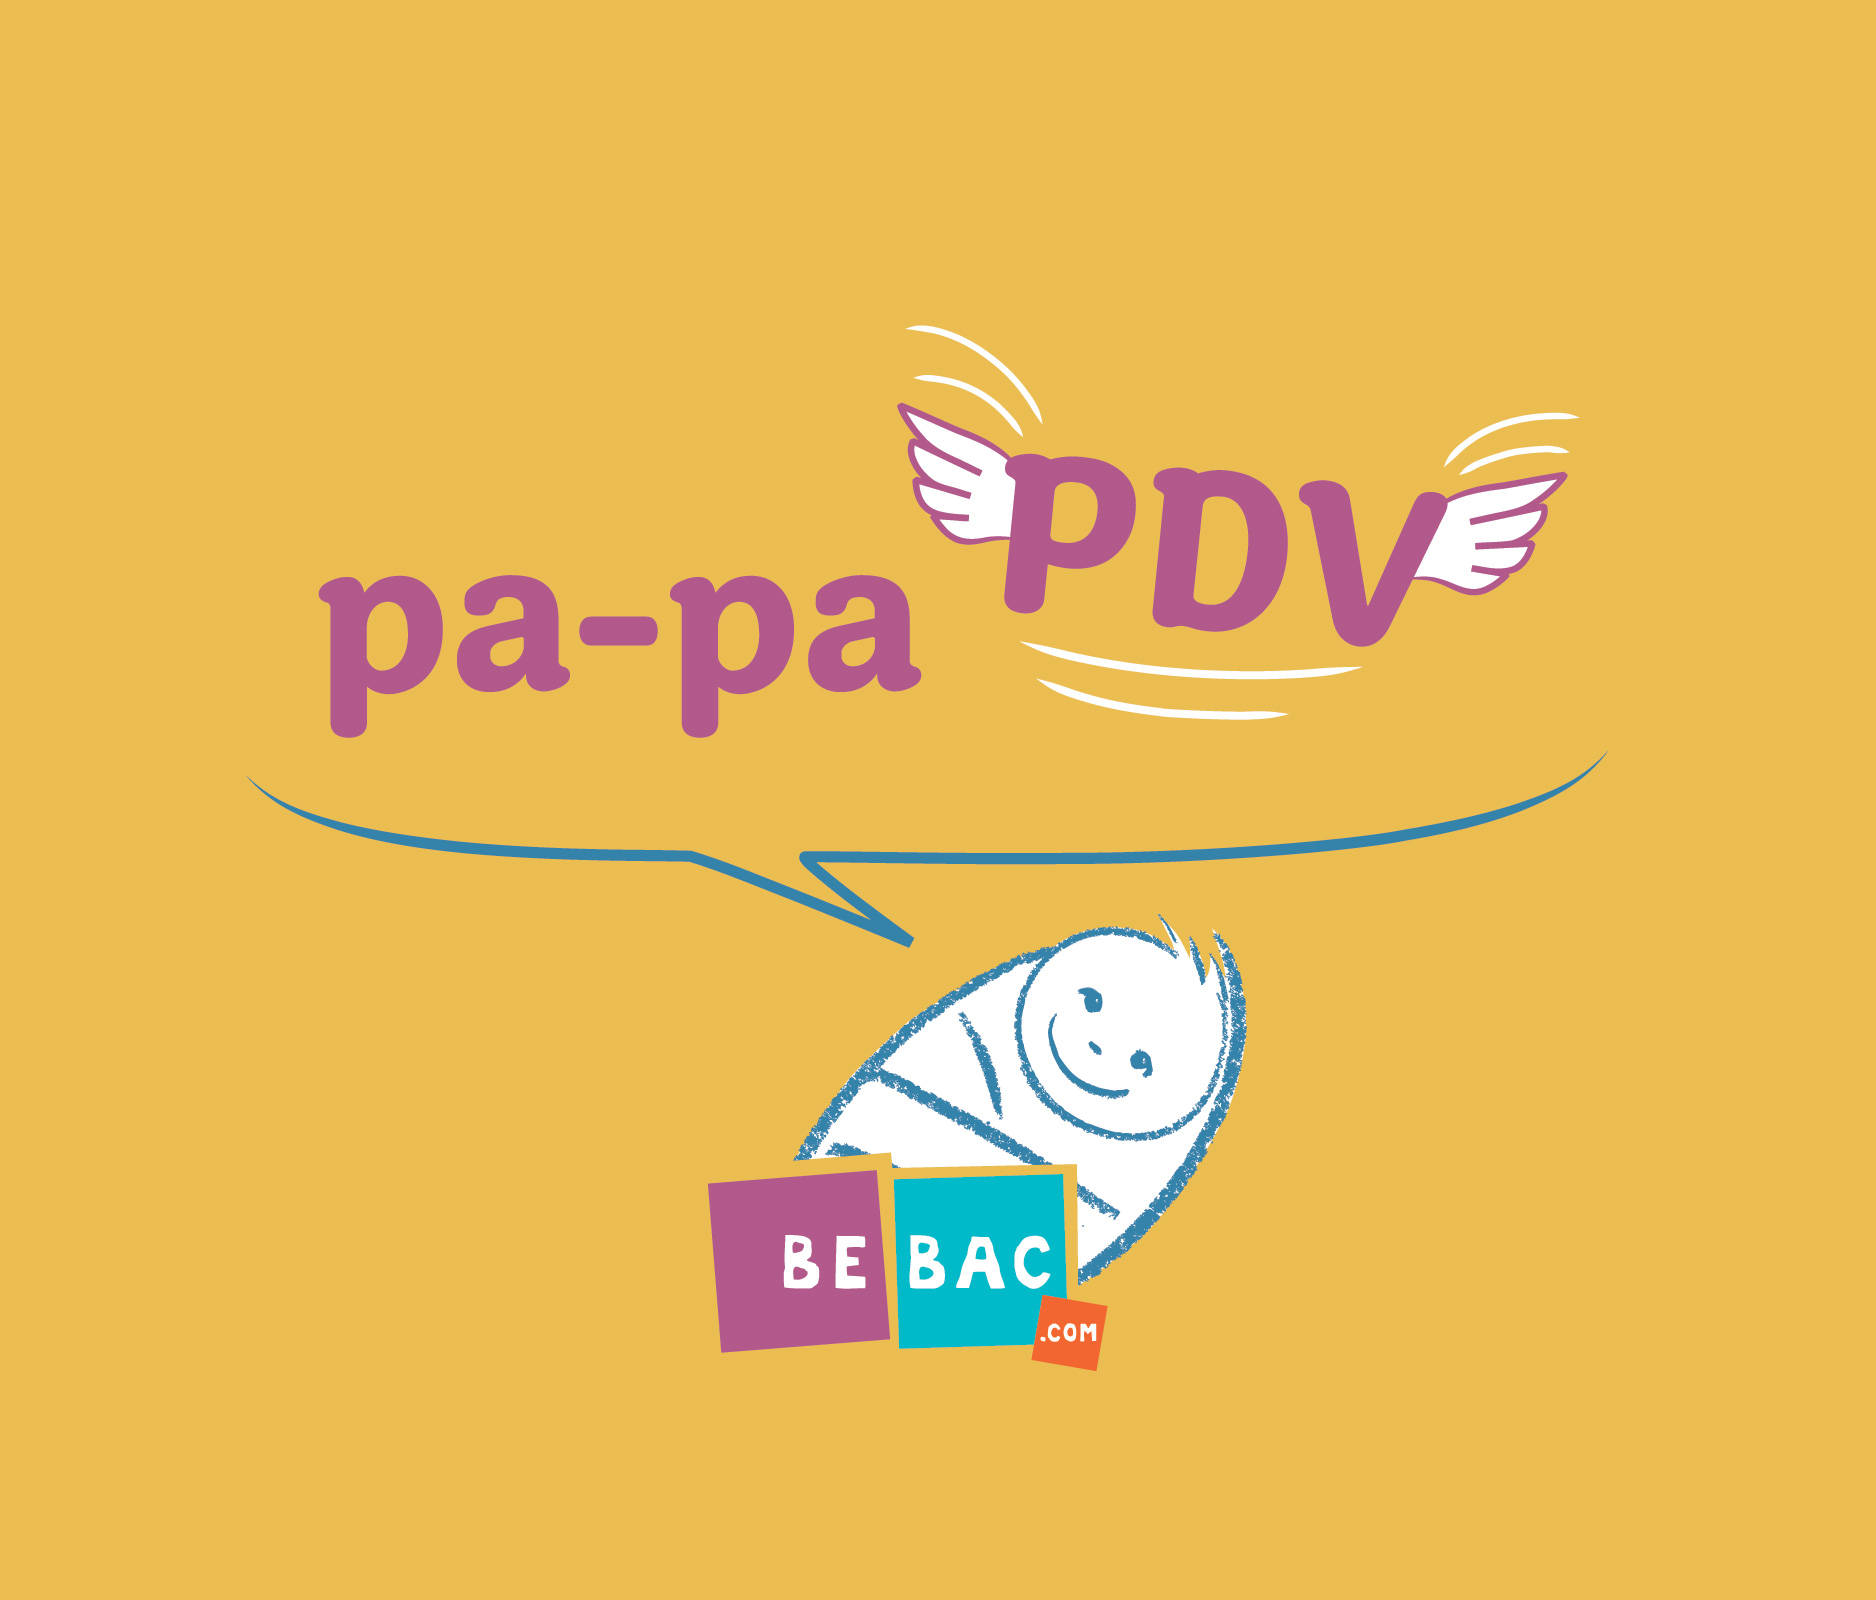 pa-pa-PDV-grafika(1).jpg